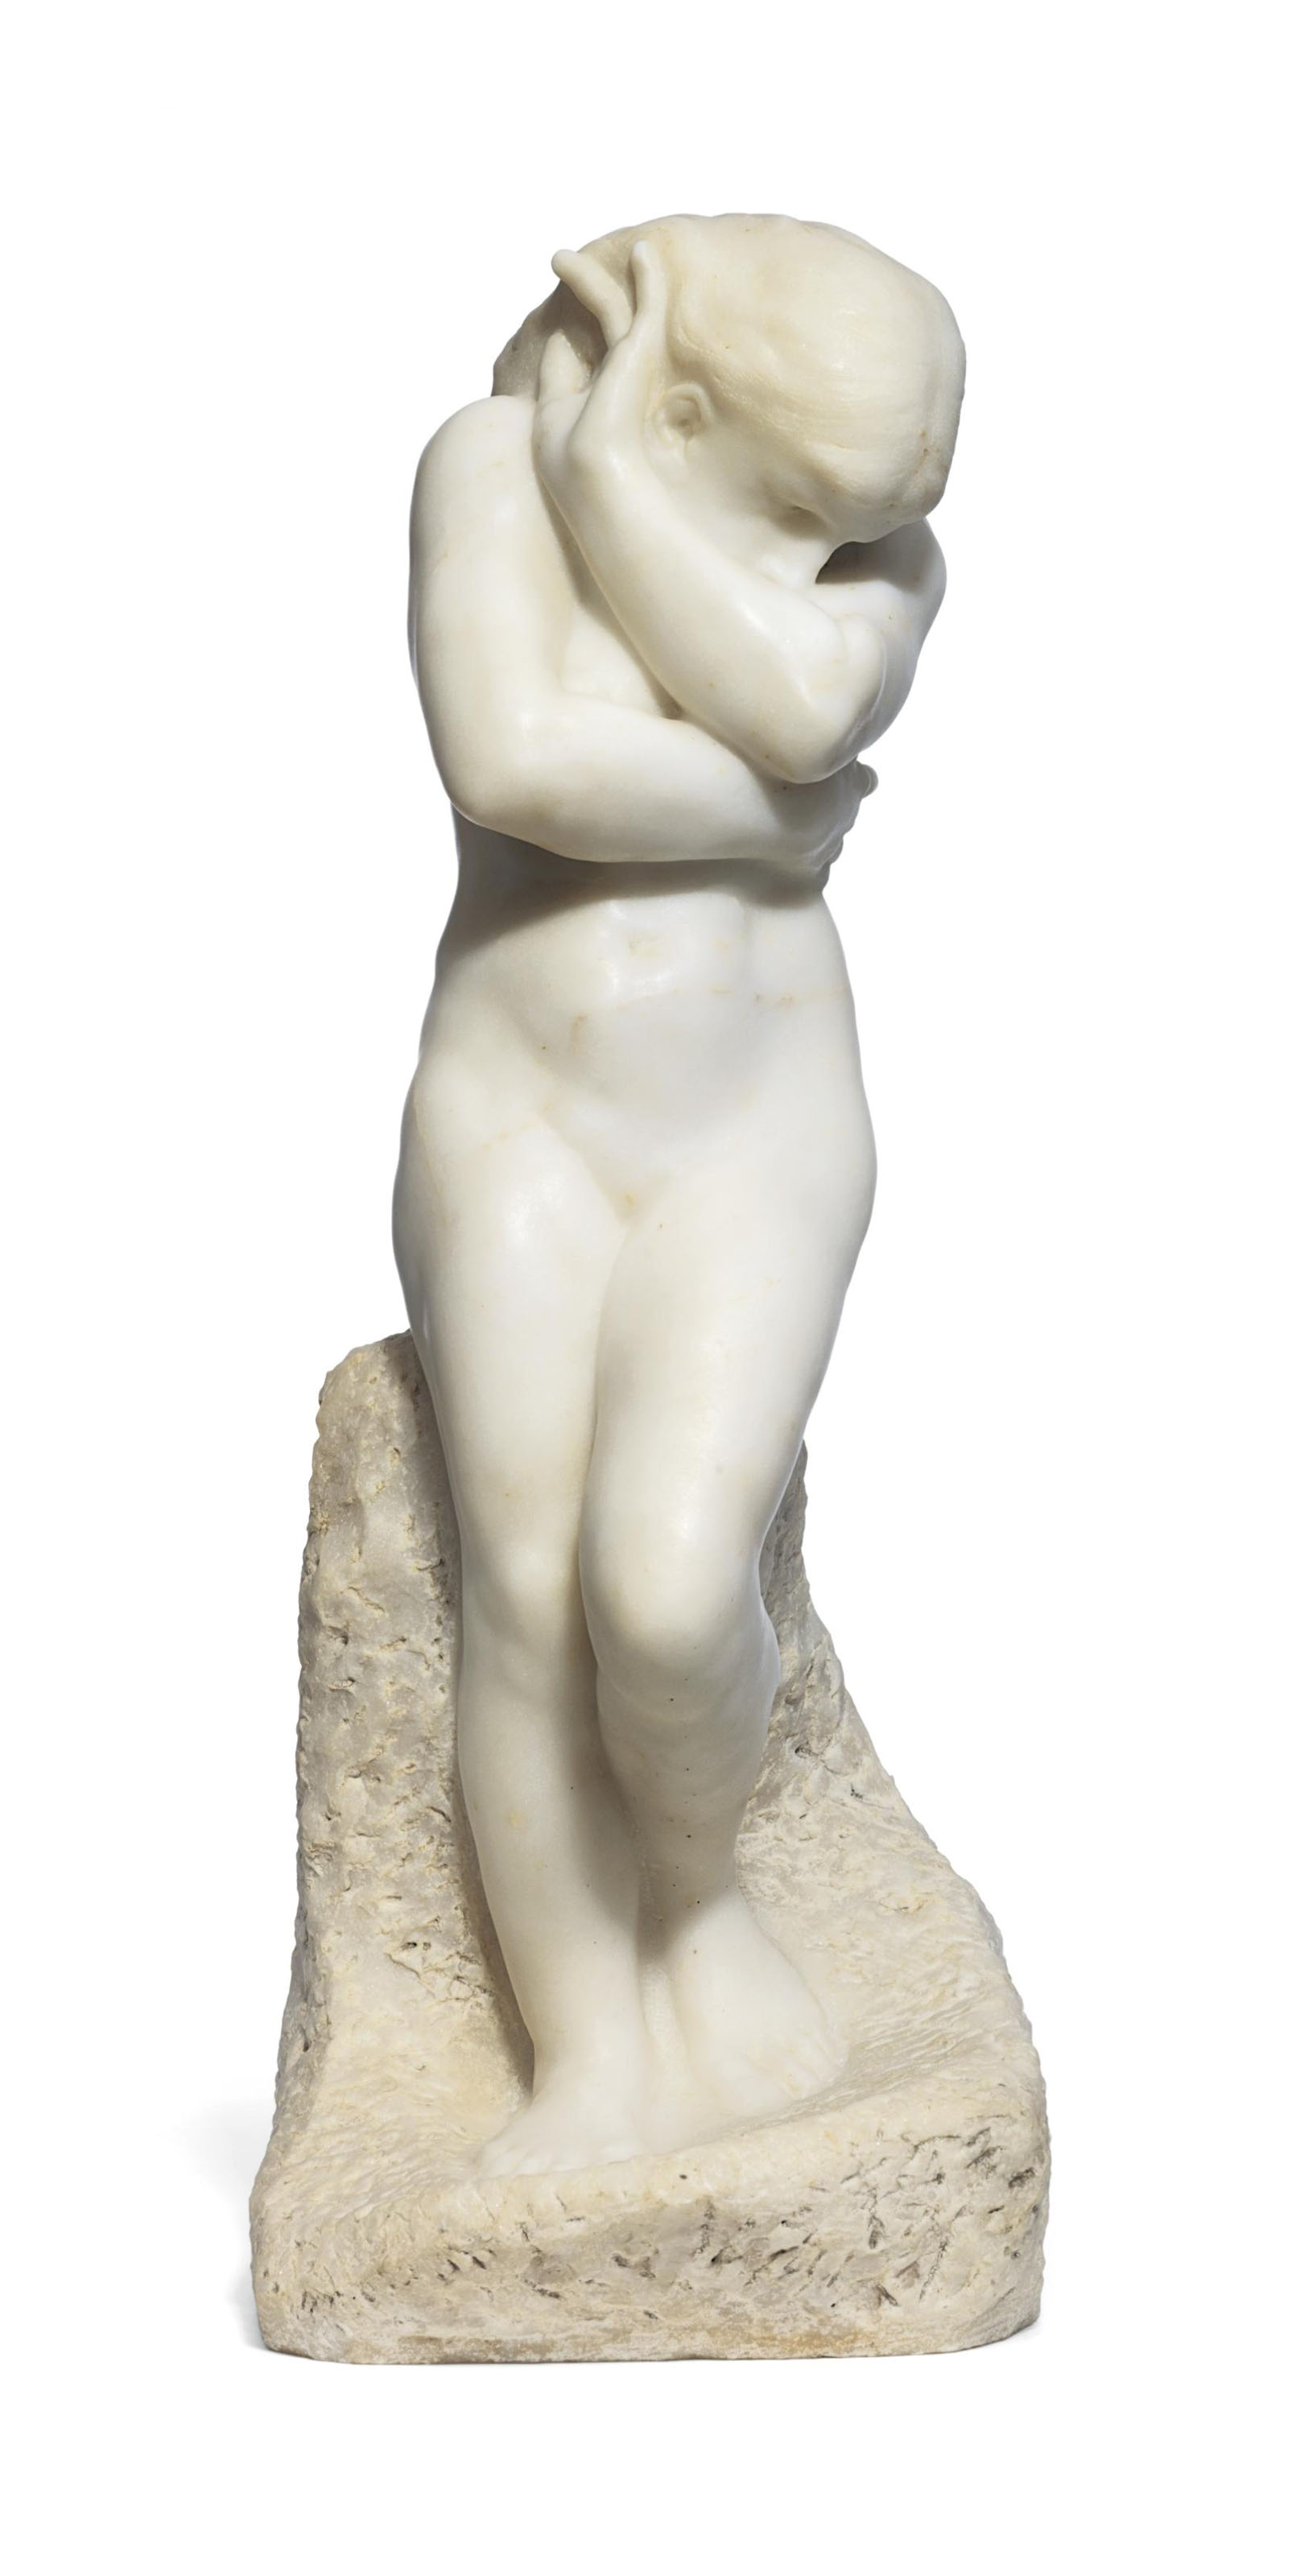 Eve après le péché